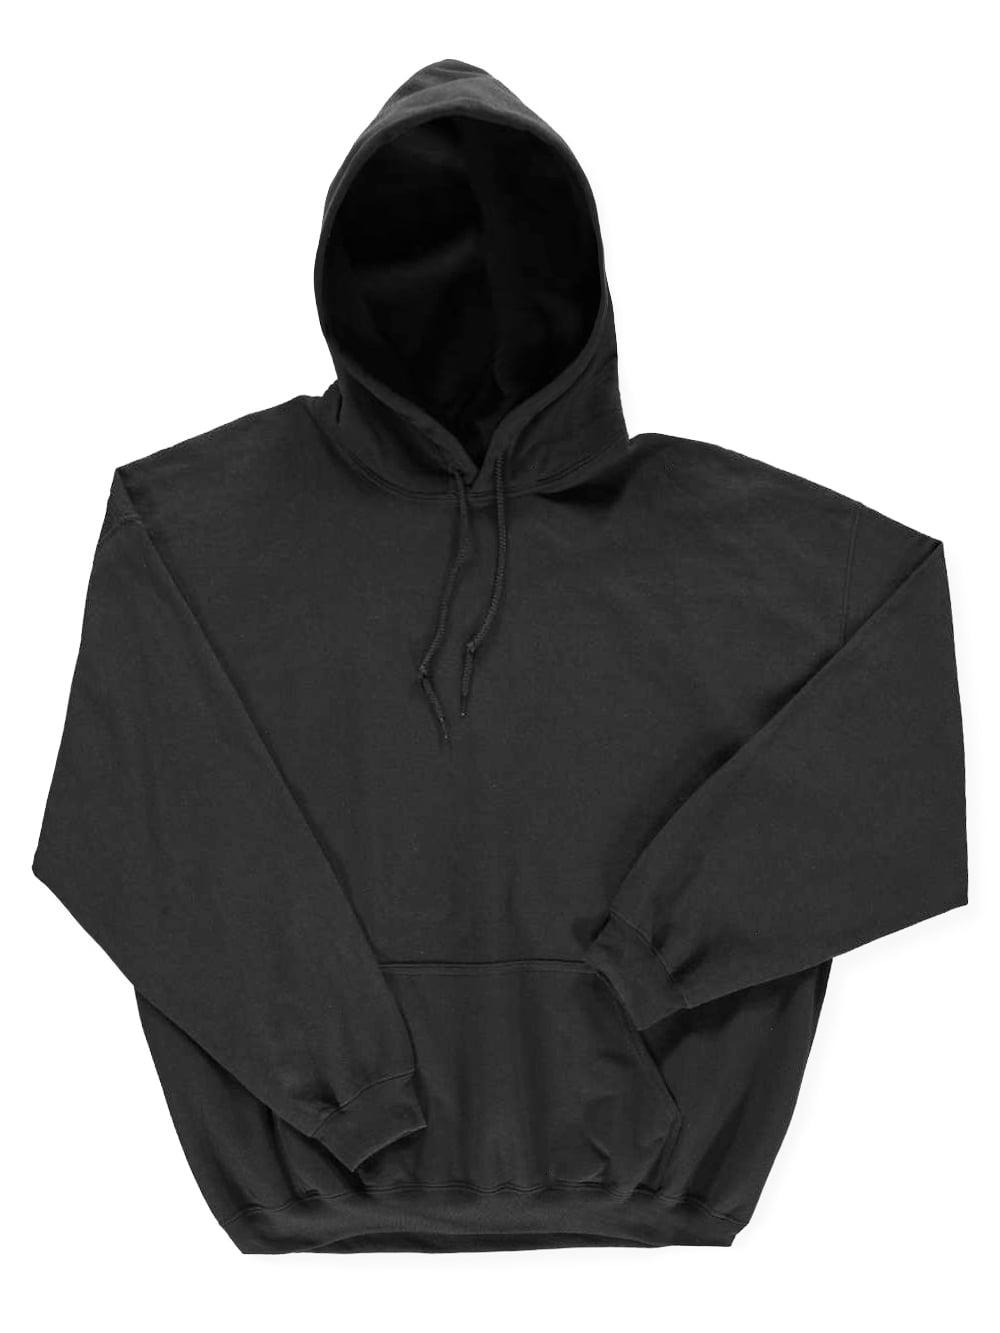 Basic Fleece Hoodie (Adult Sizes S - 3XL)